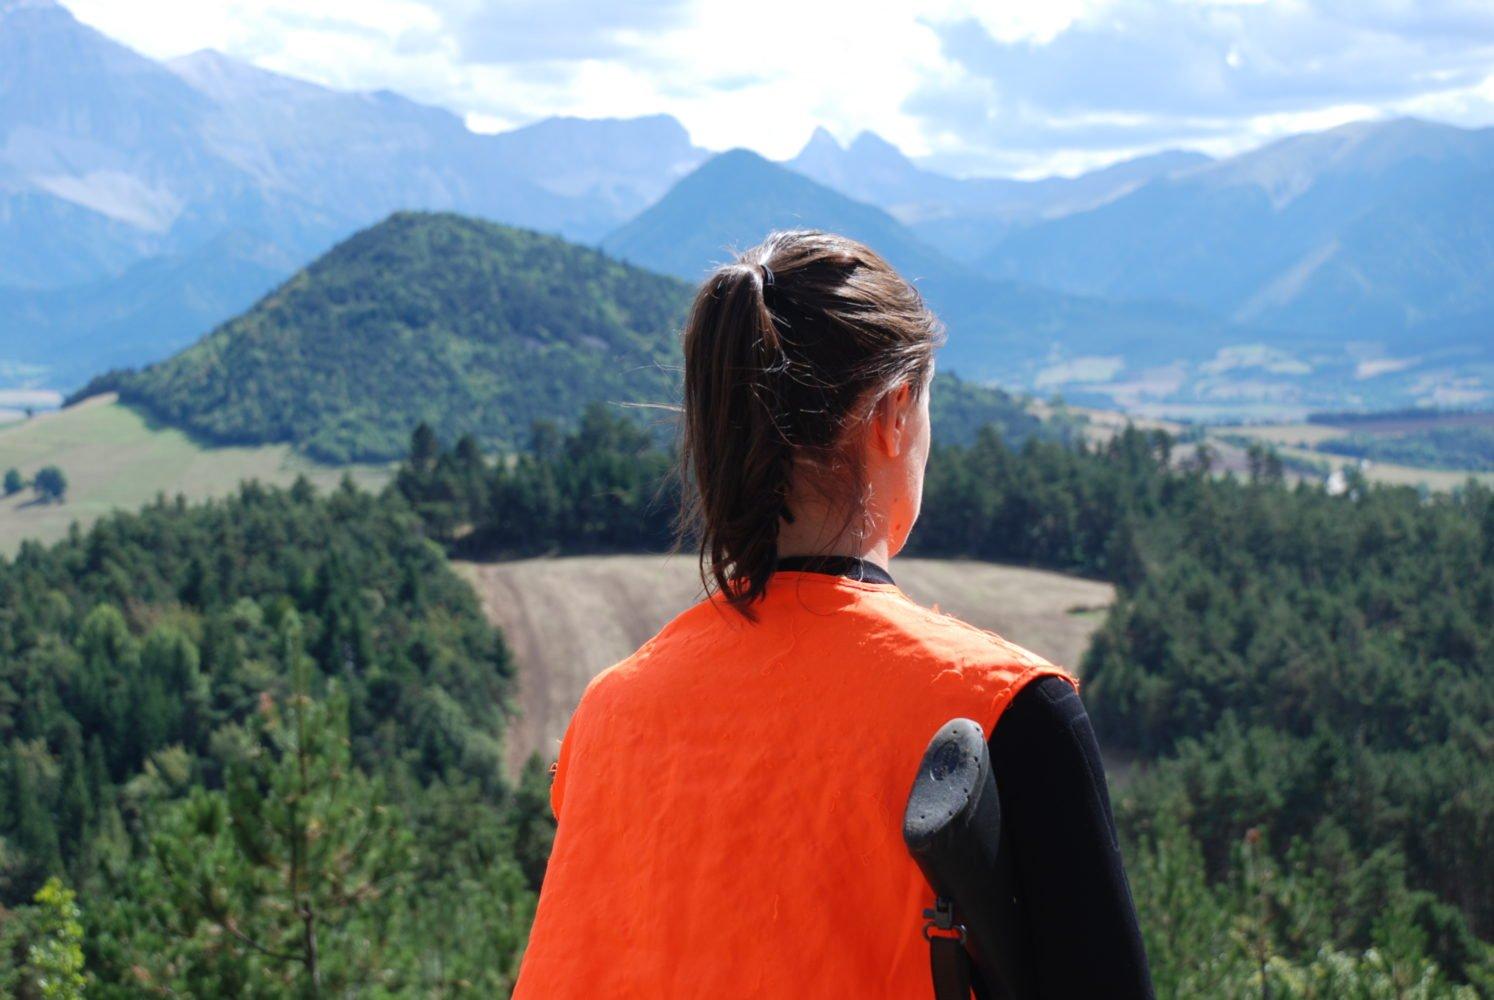 Les femmes et la chasse : chiffres clés